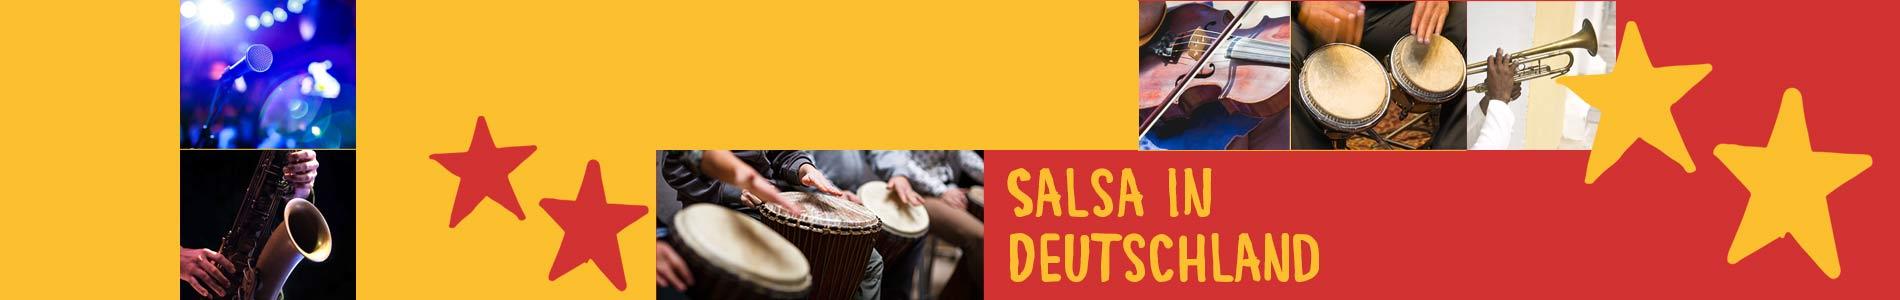 Salsa in Büsum – Salsa lernen und tanzen, Tanzkurse, Partys, Veranstaltungen